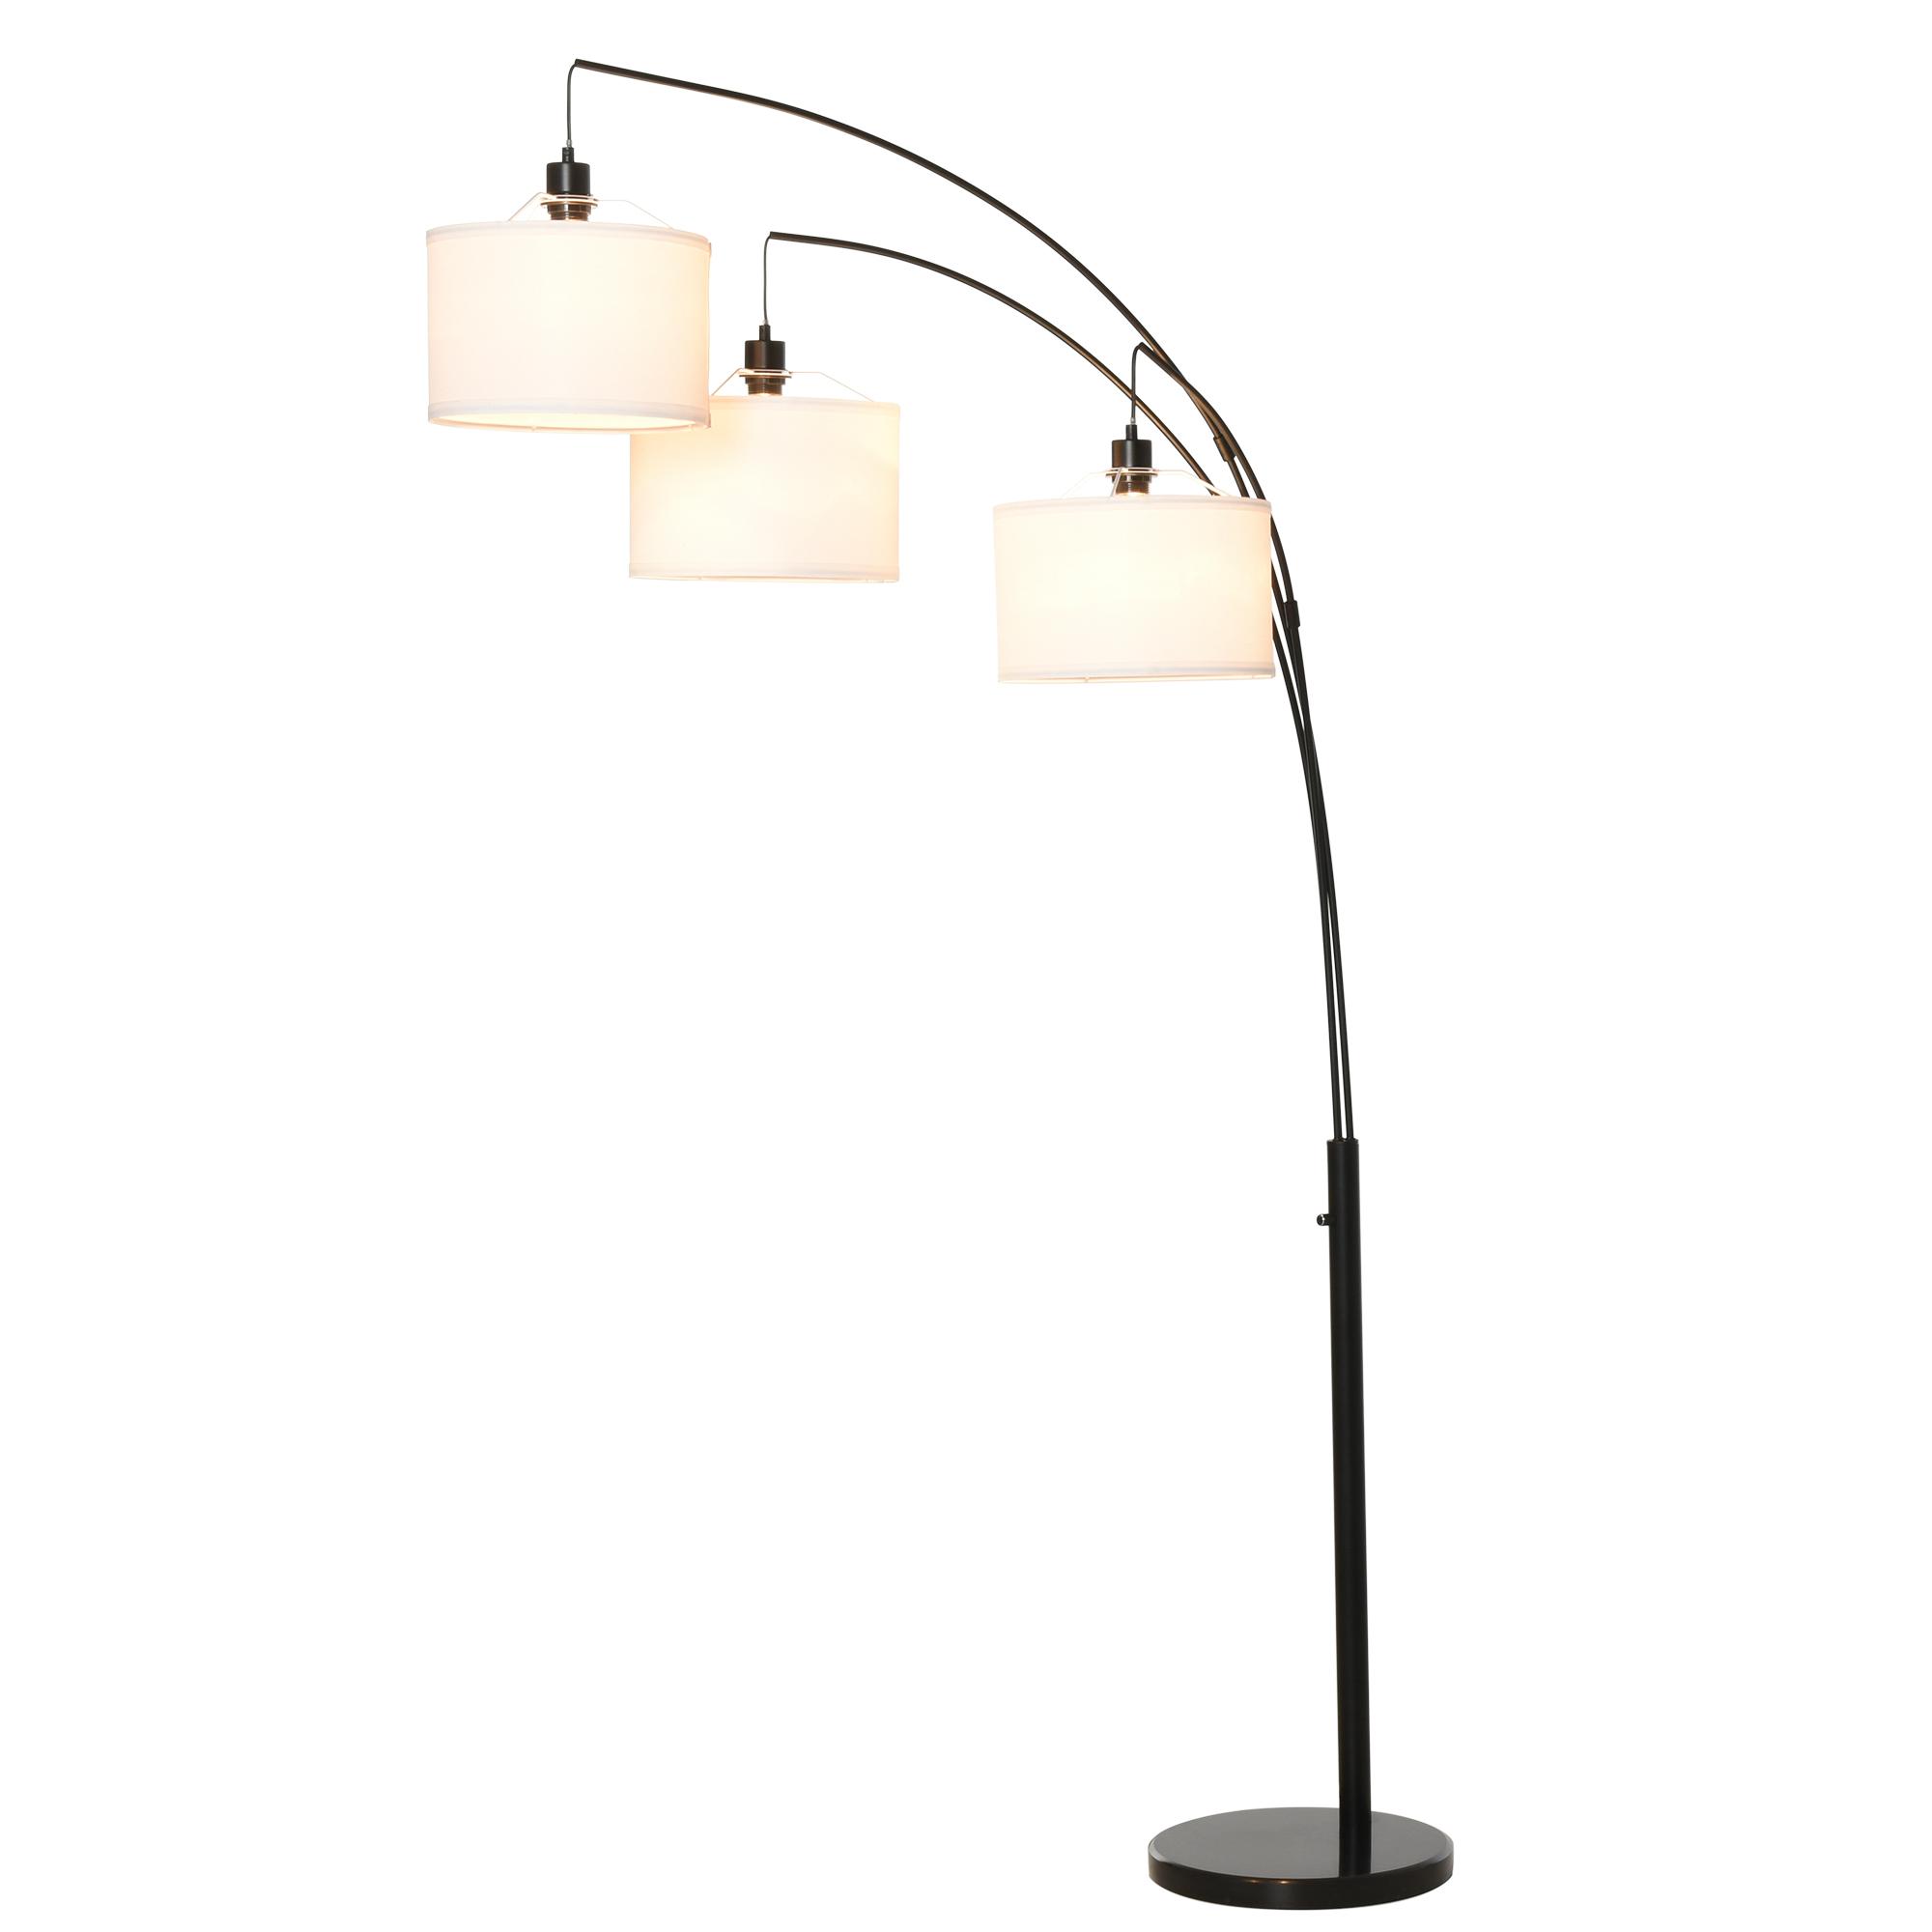 HOMCOM Lampa de Podea cu 3 Lumini si Brate Flexibile Baza din Marmura Inaltime 205cm imagine aosom.ro